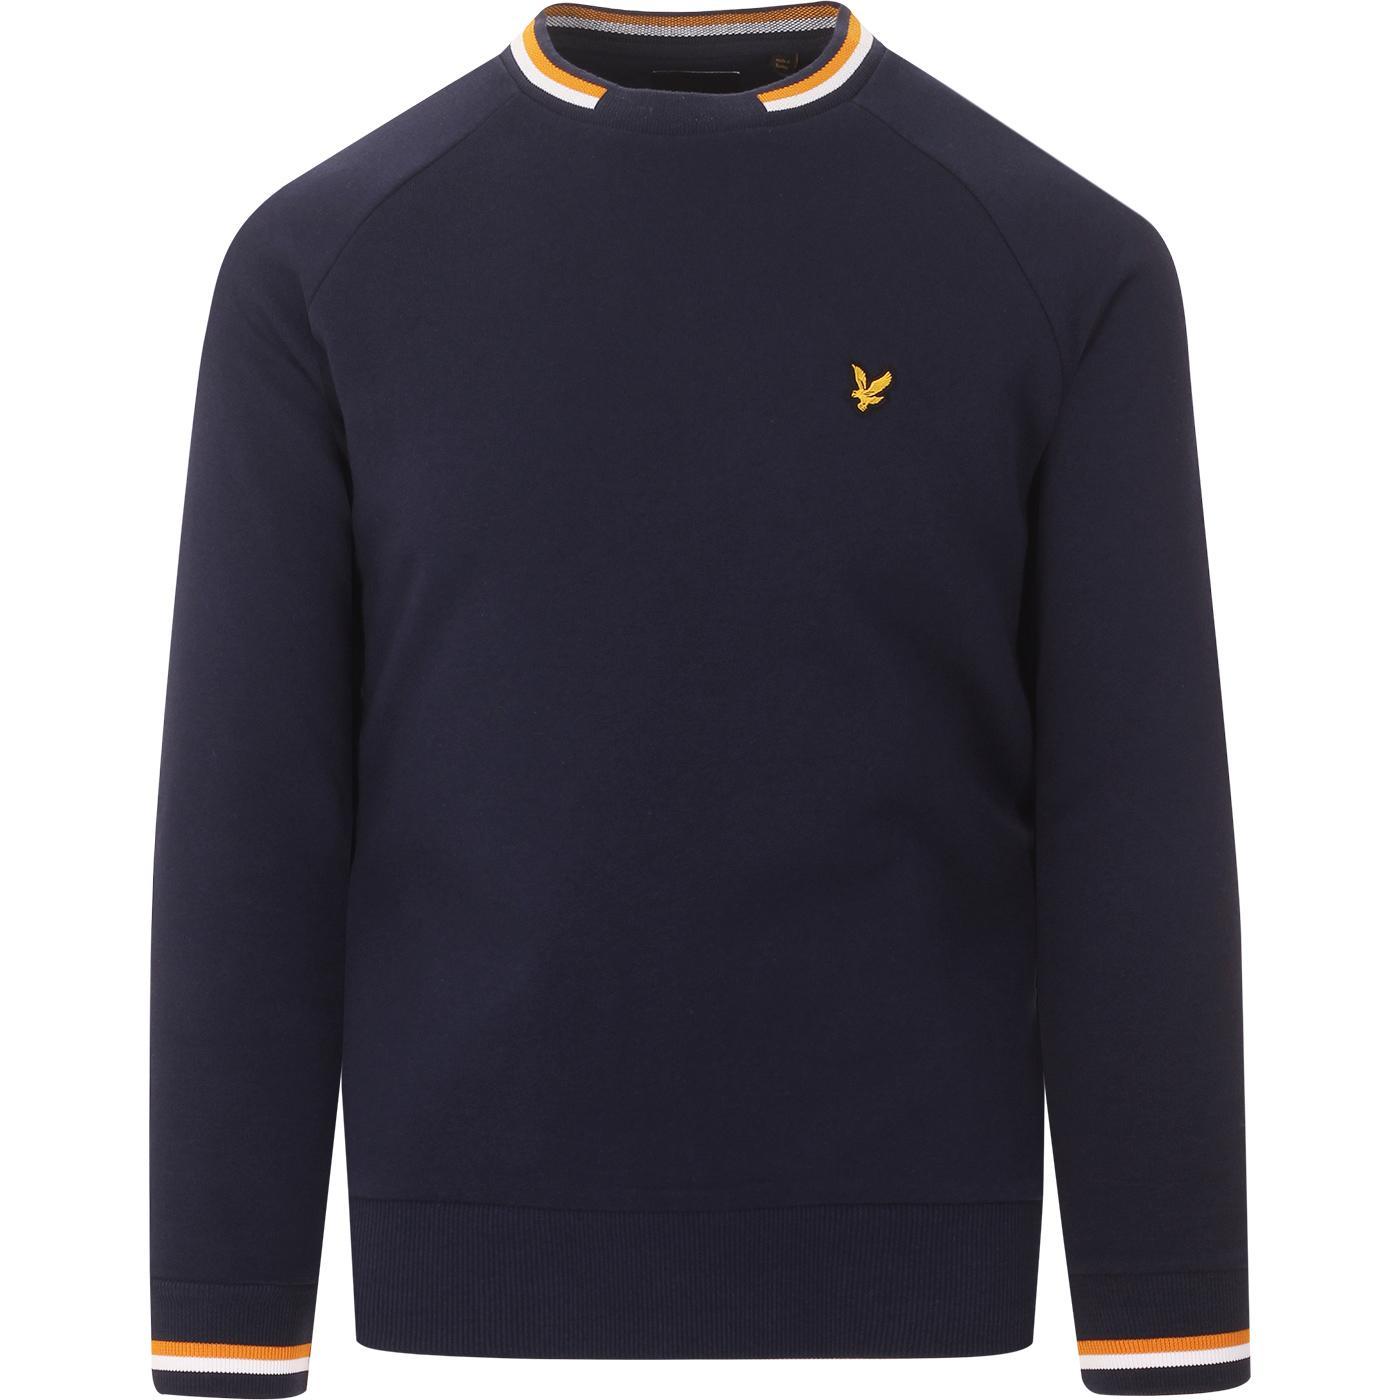 LYLE & SCOTT Retro Double Tipped Sweatshirt (N)